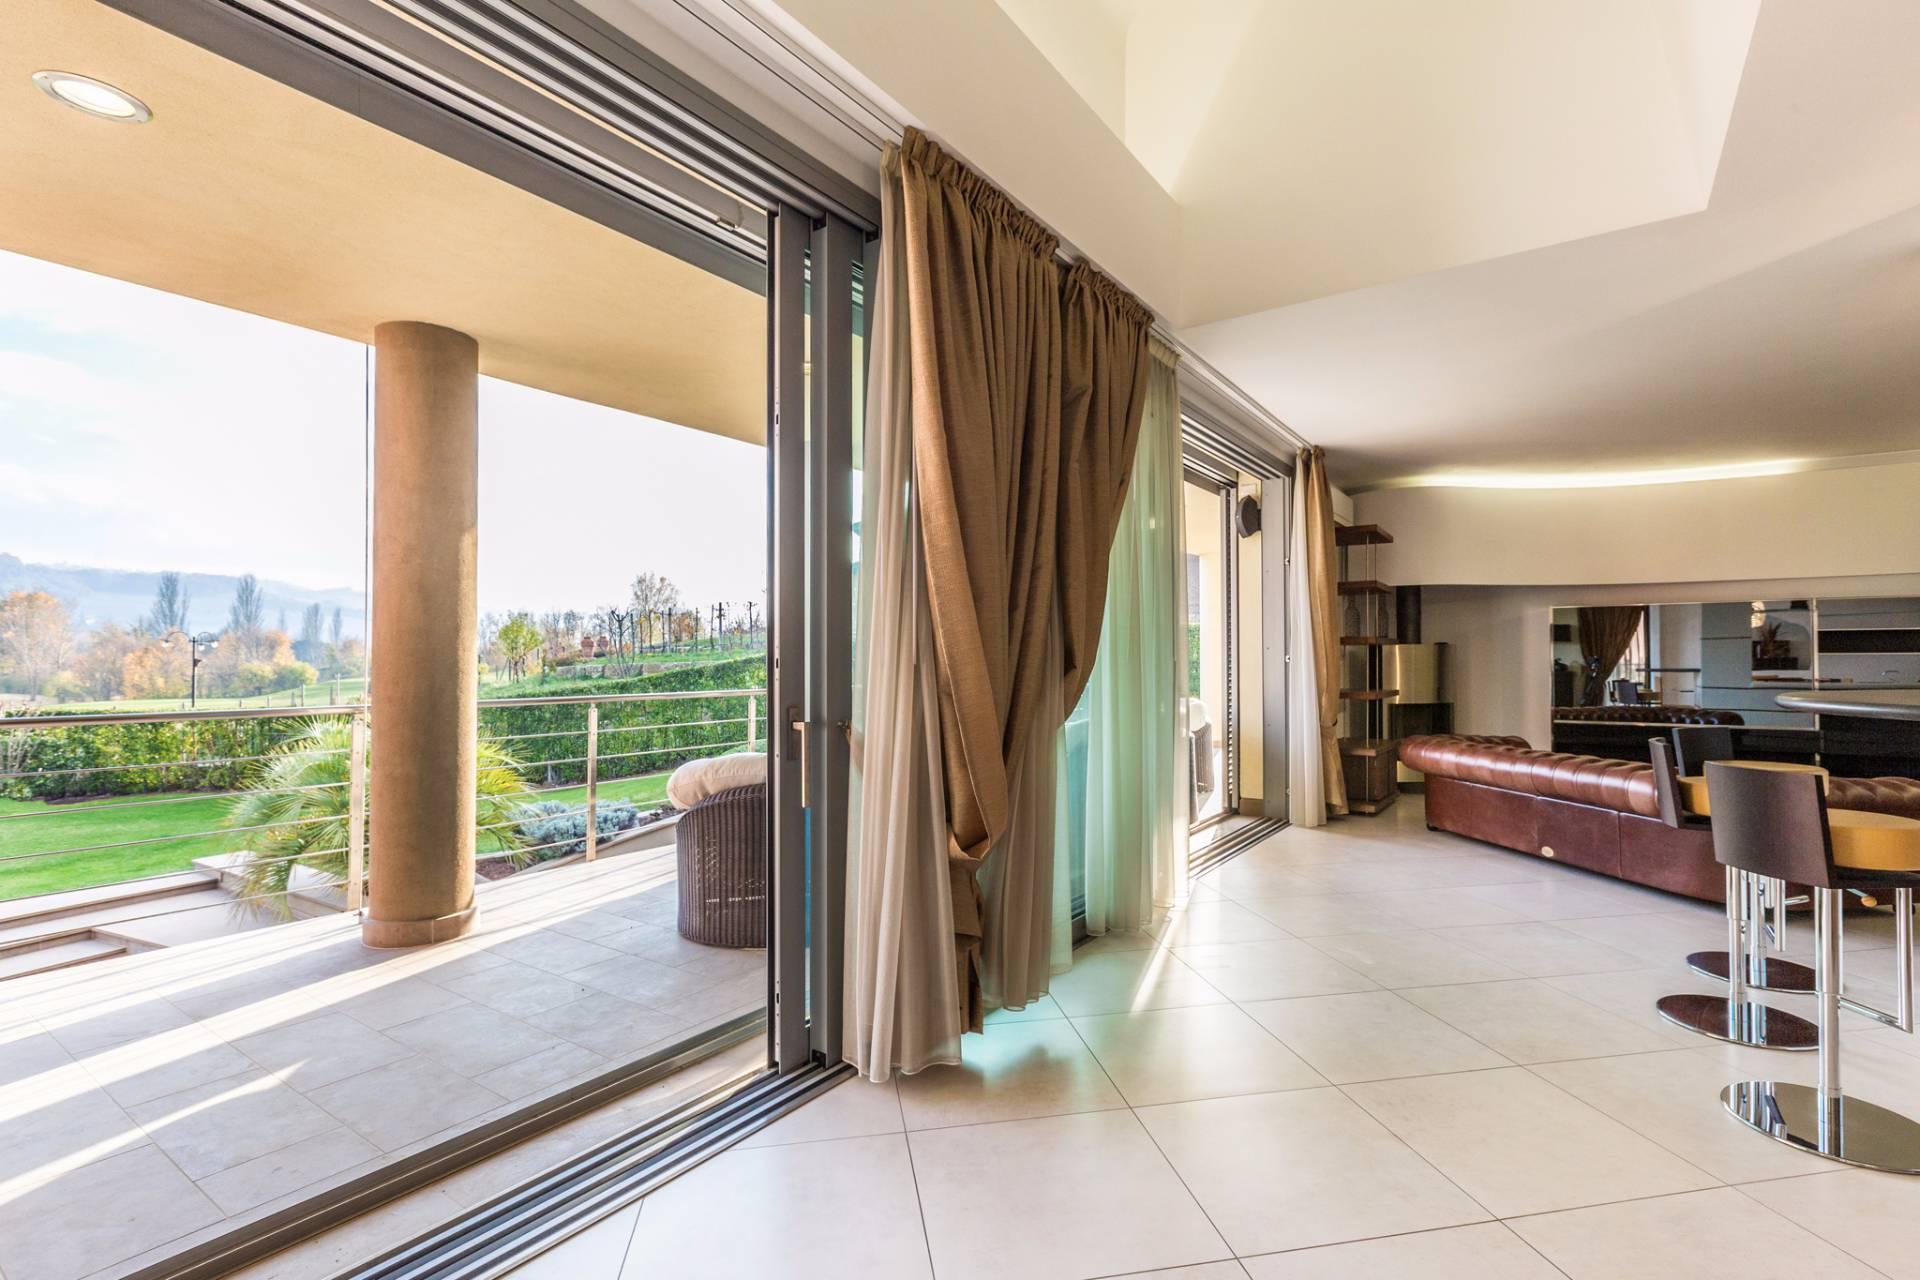 Villa in Vendita a Castel San Pietro Terme: 5 locali, 460 mq - Foto 21